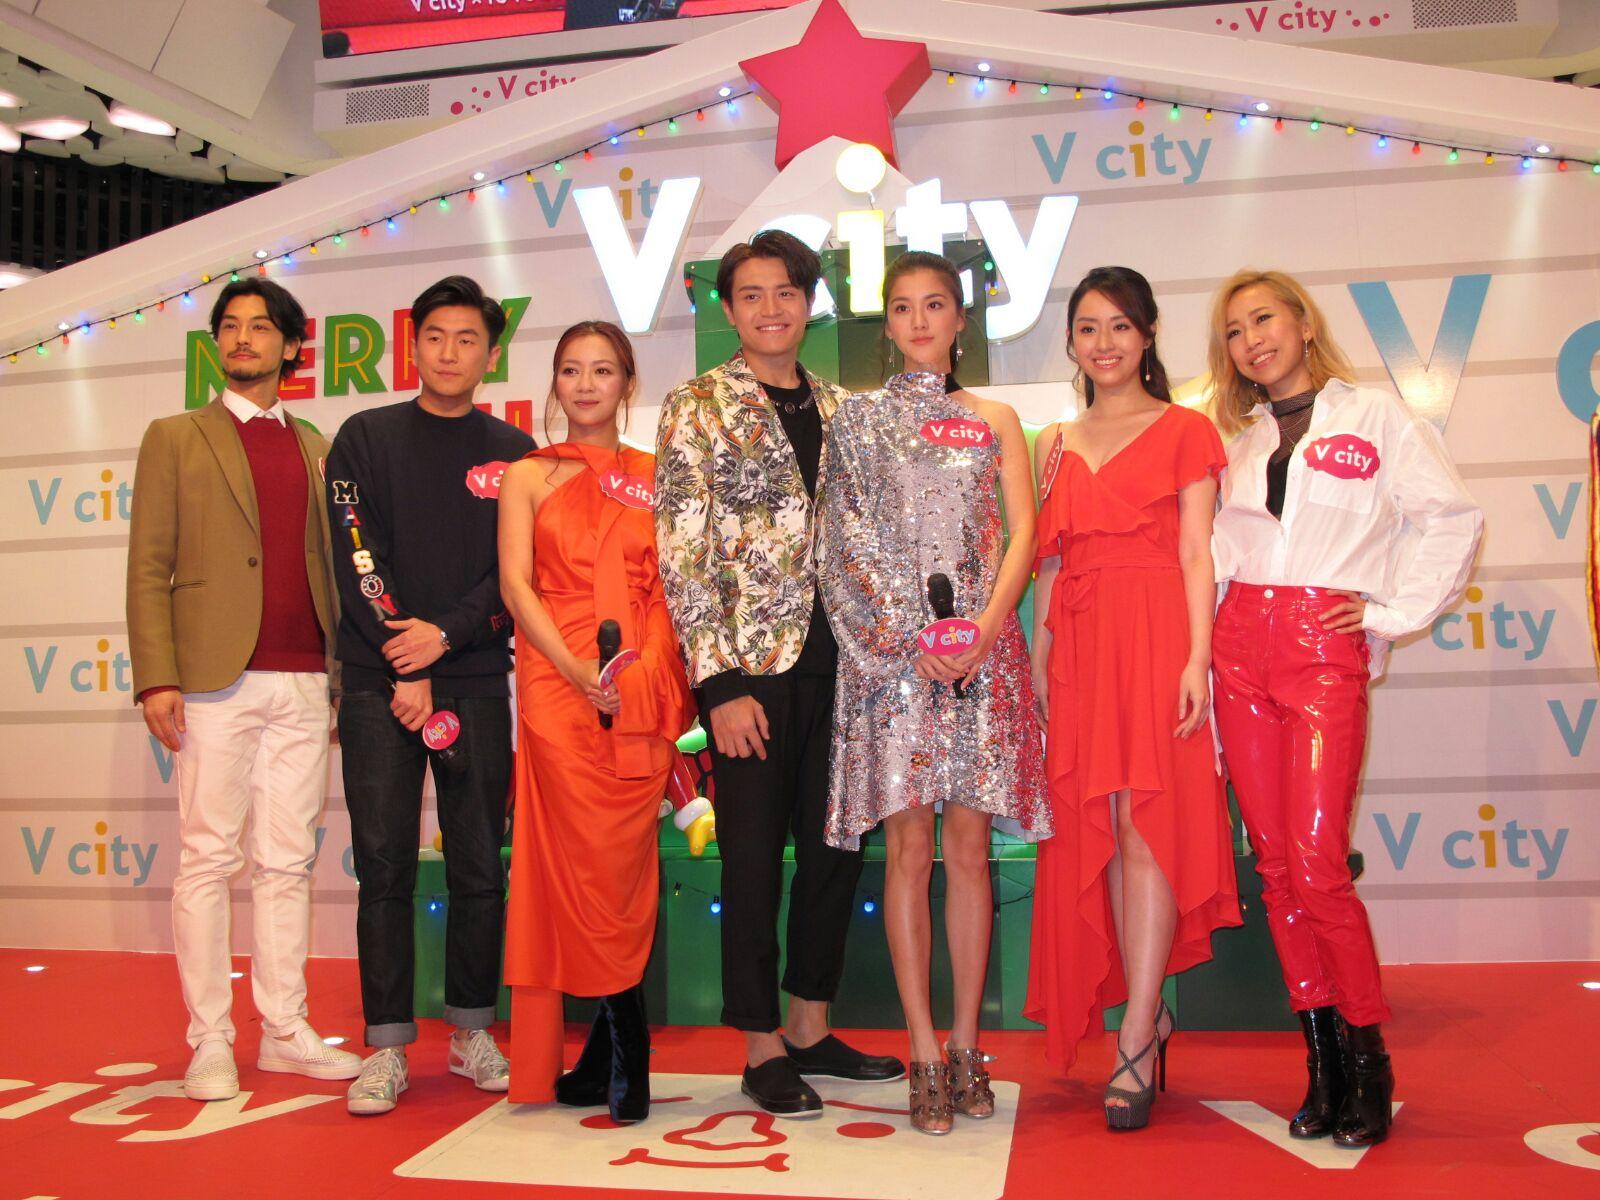 多位藝人昨晚出席於屯門V City舉行的除夕倒數派對。